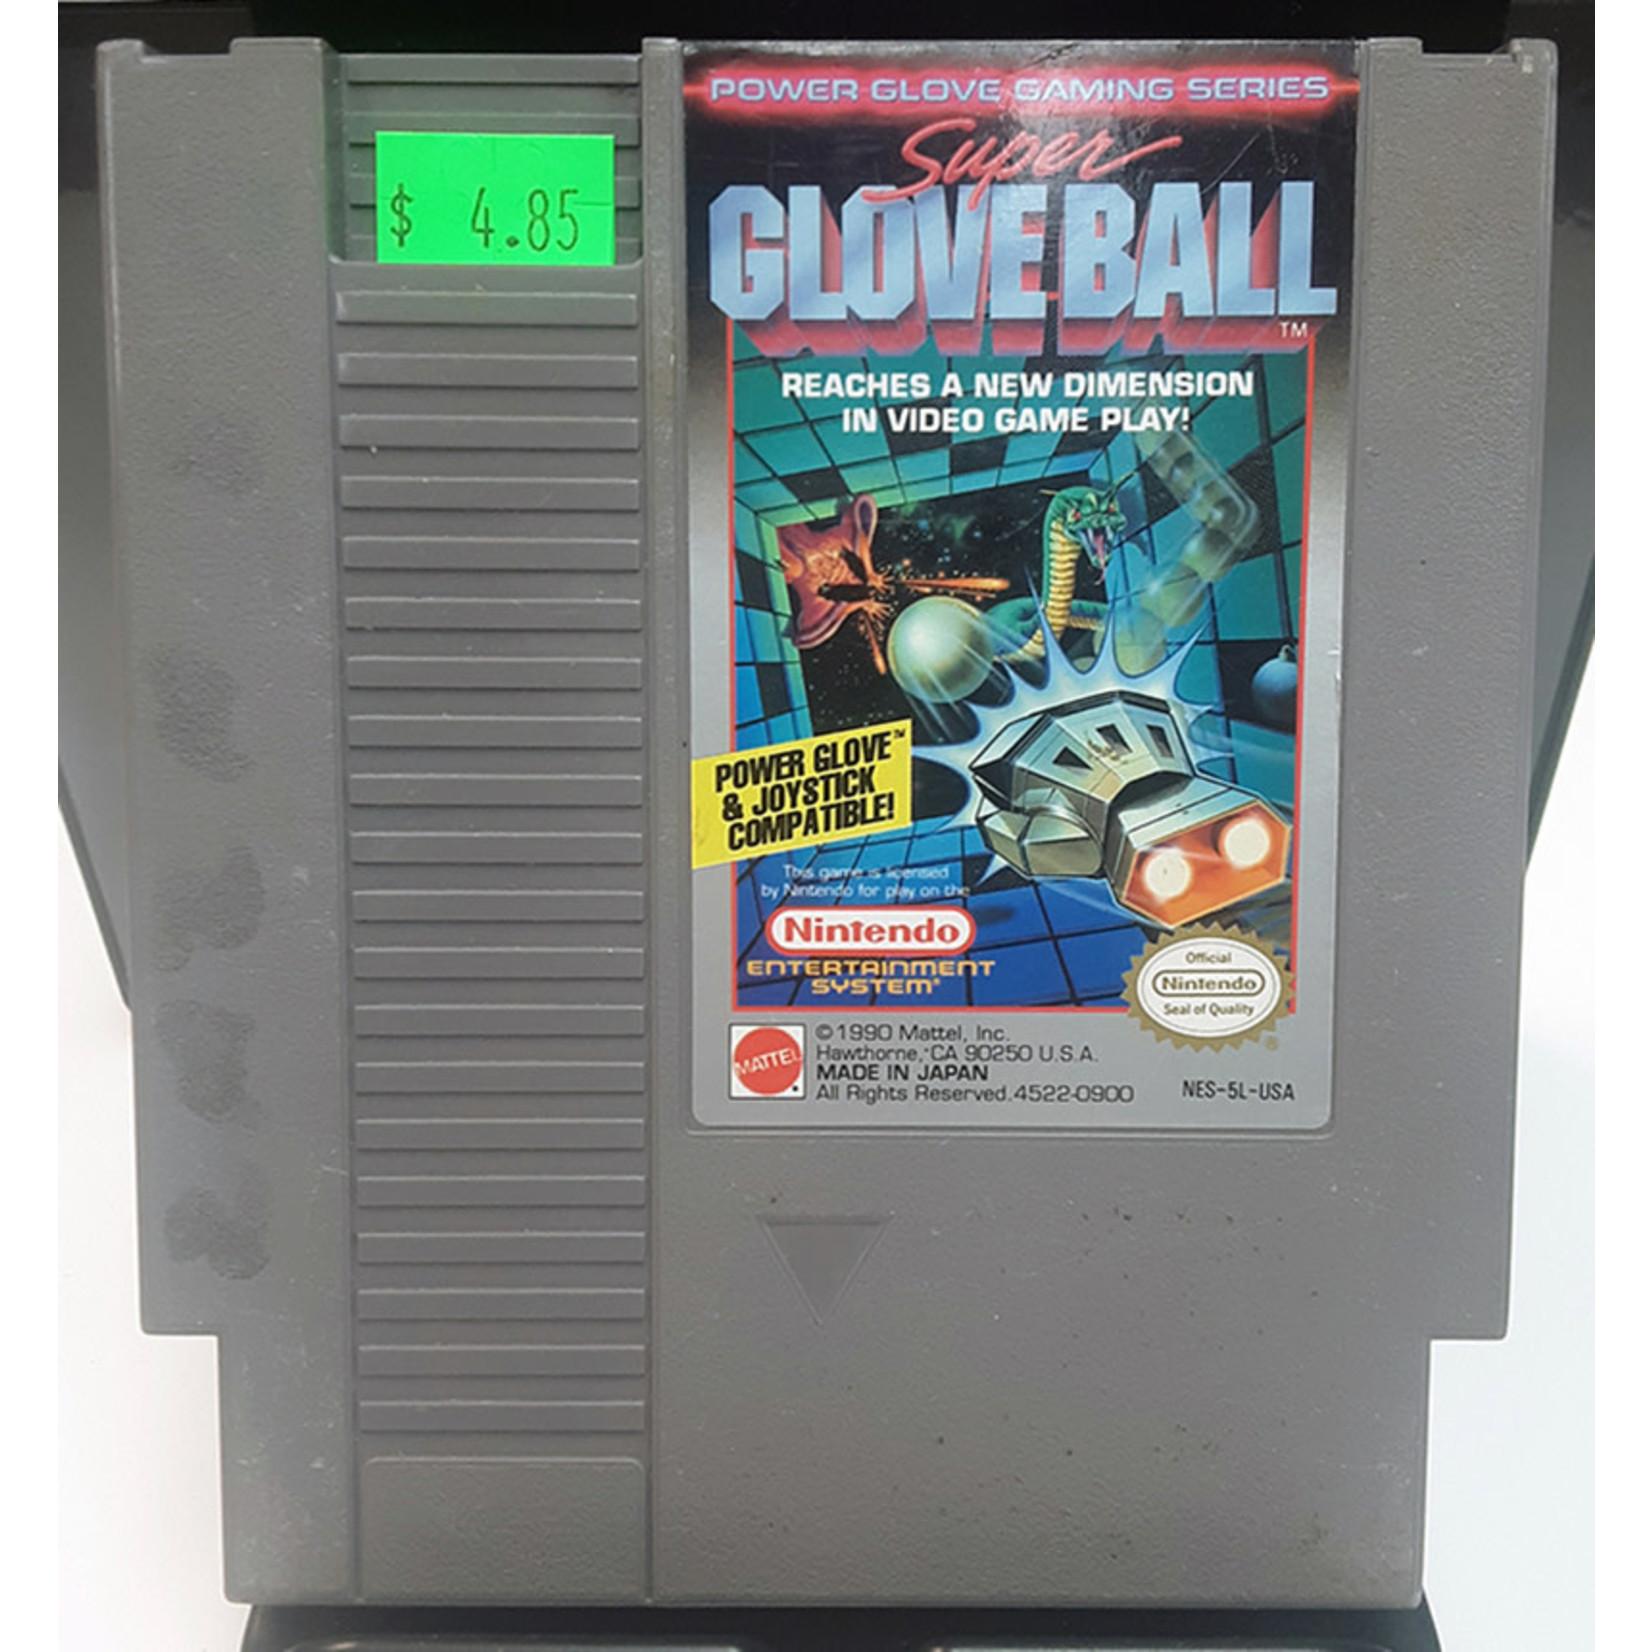 nesu-Super Glove Ball (cartridge)